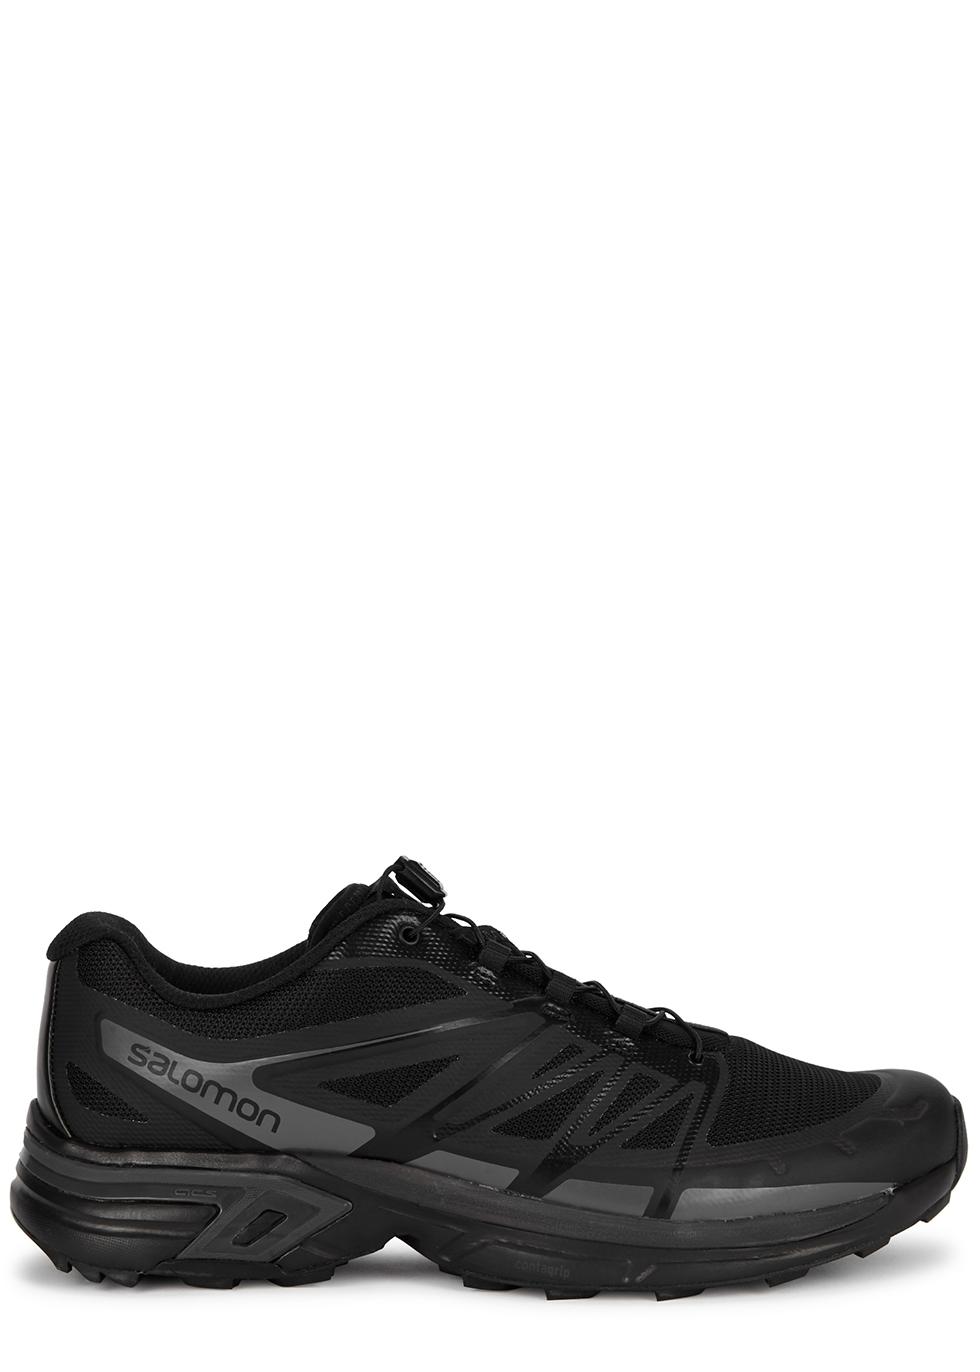 XT-Wings 2 black mesh sneakers